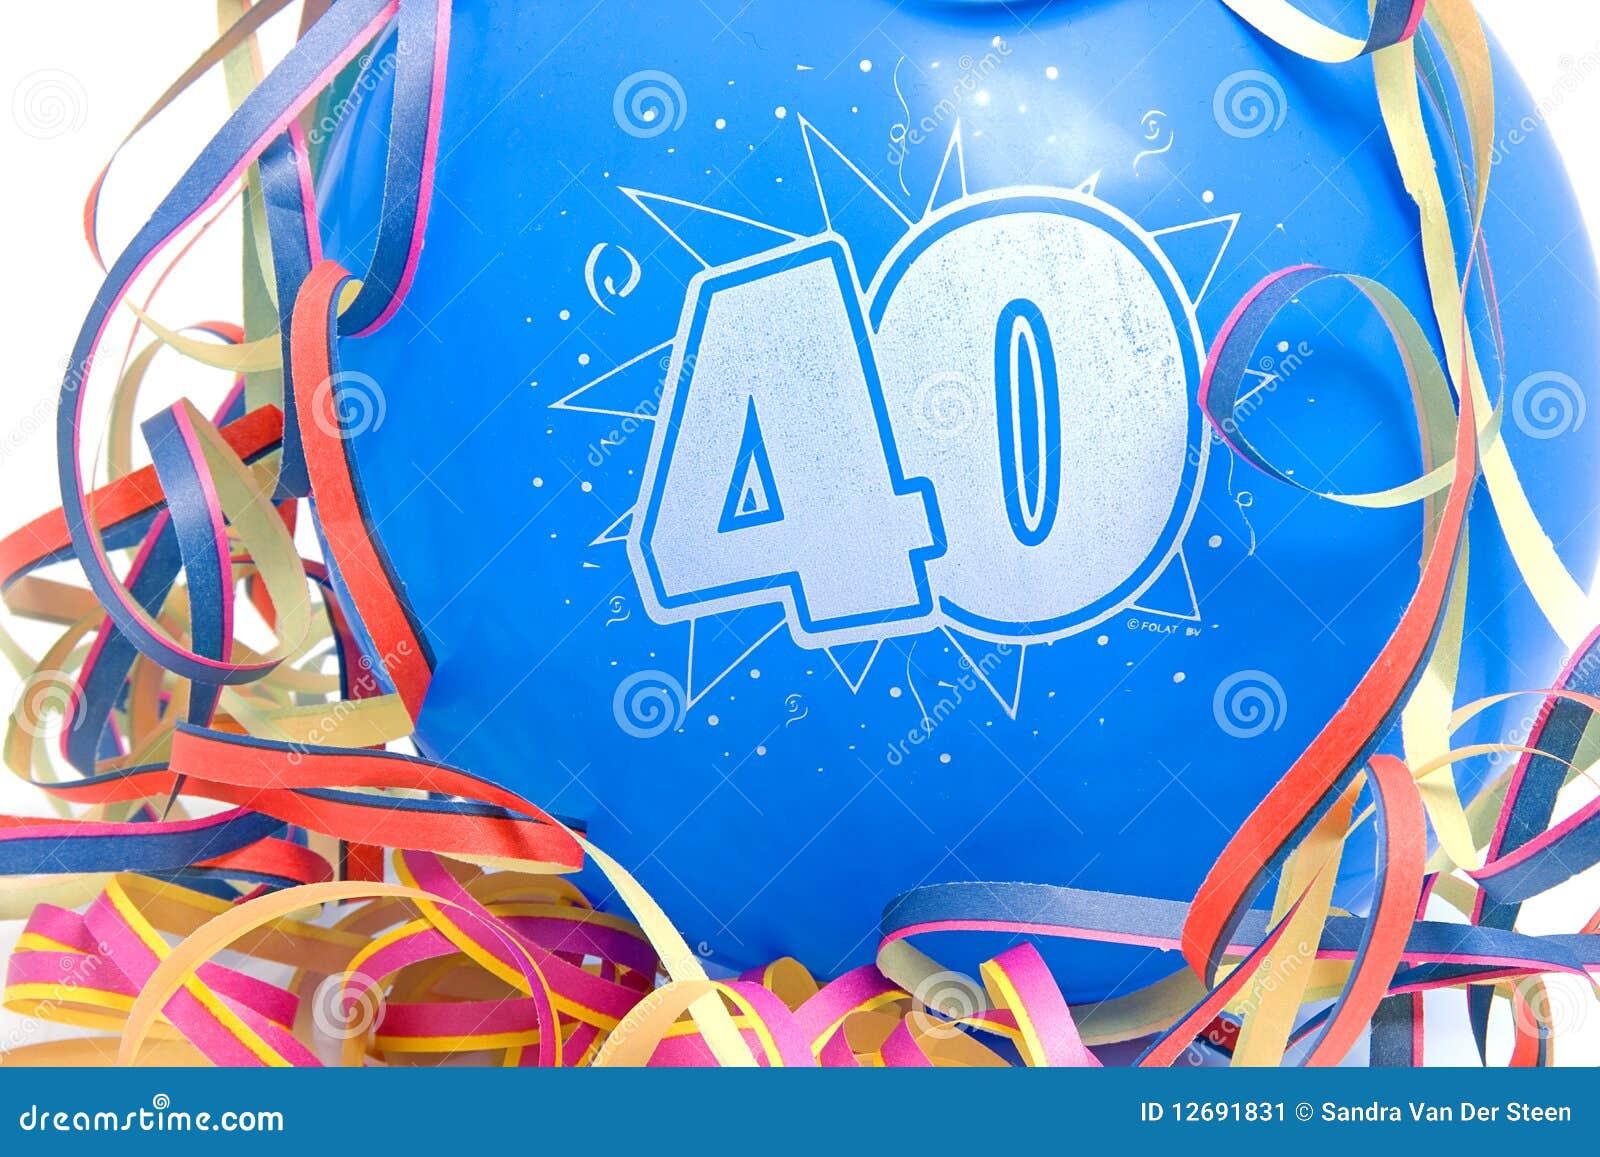 Imagenes De Cumpleanos Numero 40.Globo Del Cumpleanos Con El Numero 40 Imagen De Archivo